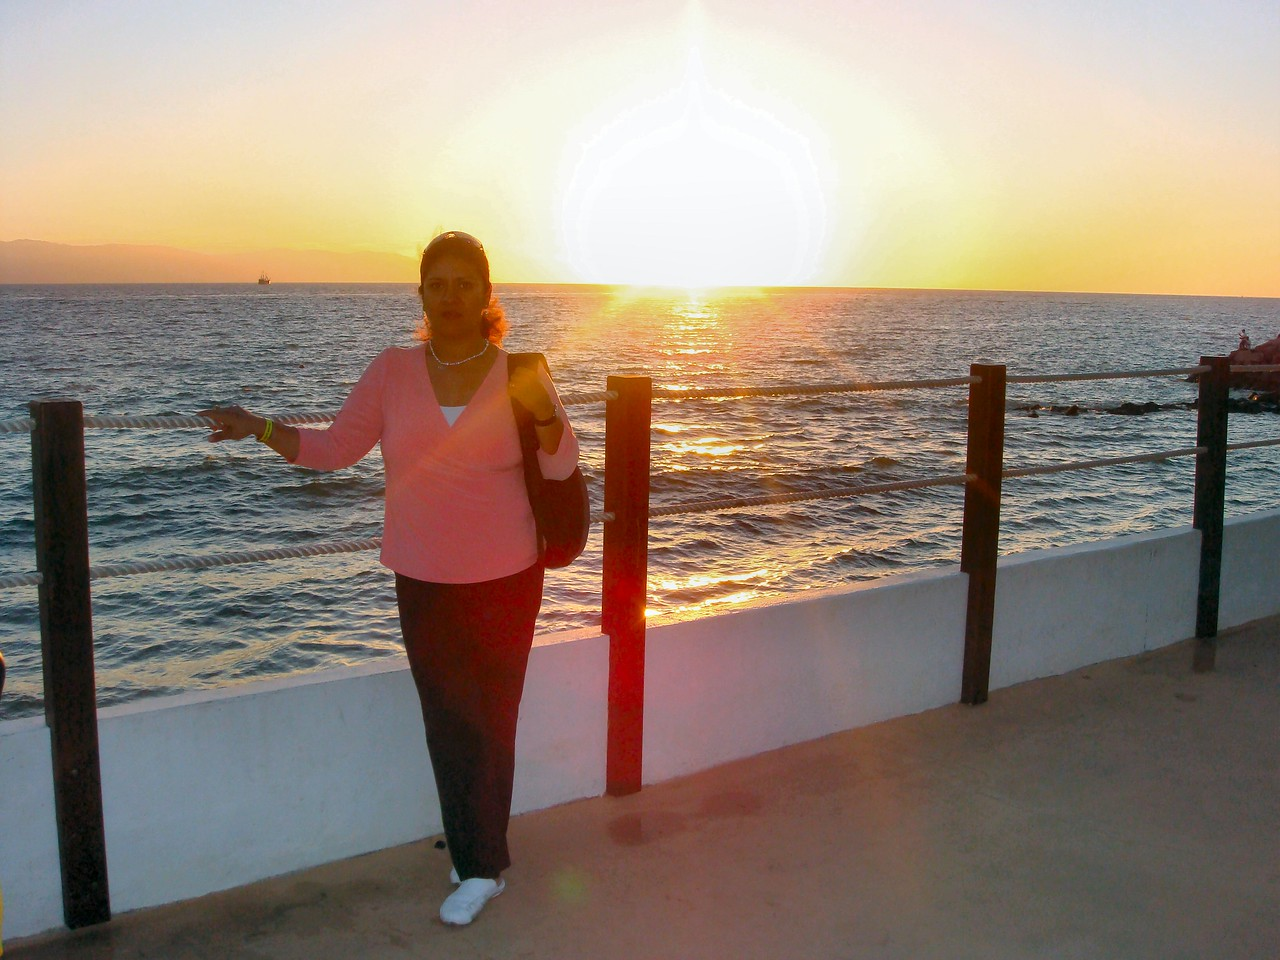 Mom is also enjoying the view...<br /> <br /> Mi mami tambien disfruta de la escena...